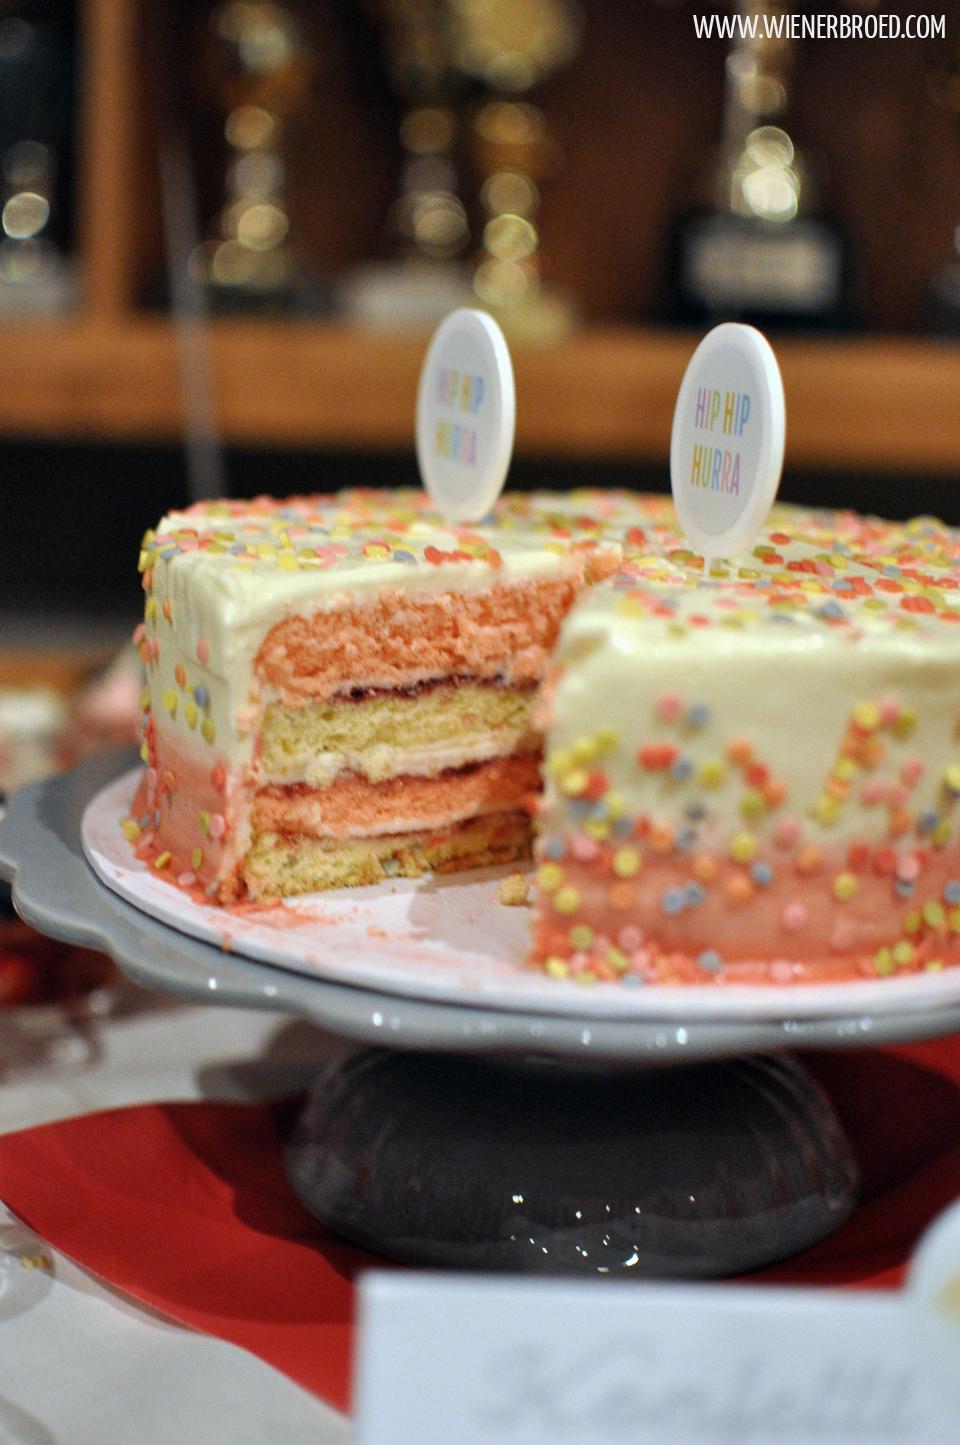 Funfetti-Torte / Funfetti Cake [wienerbroed.com]